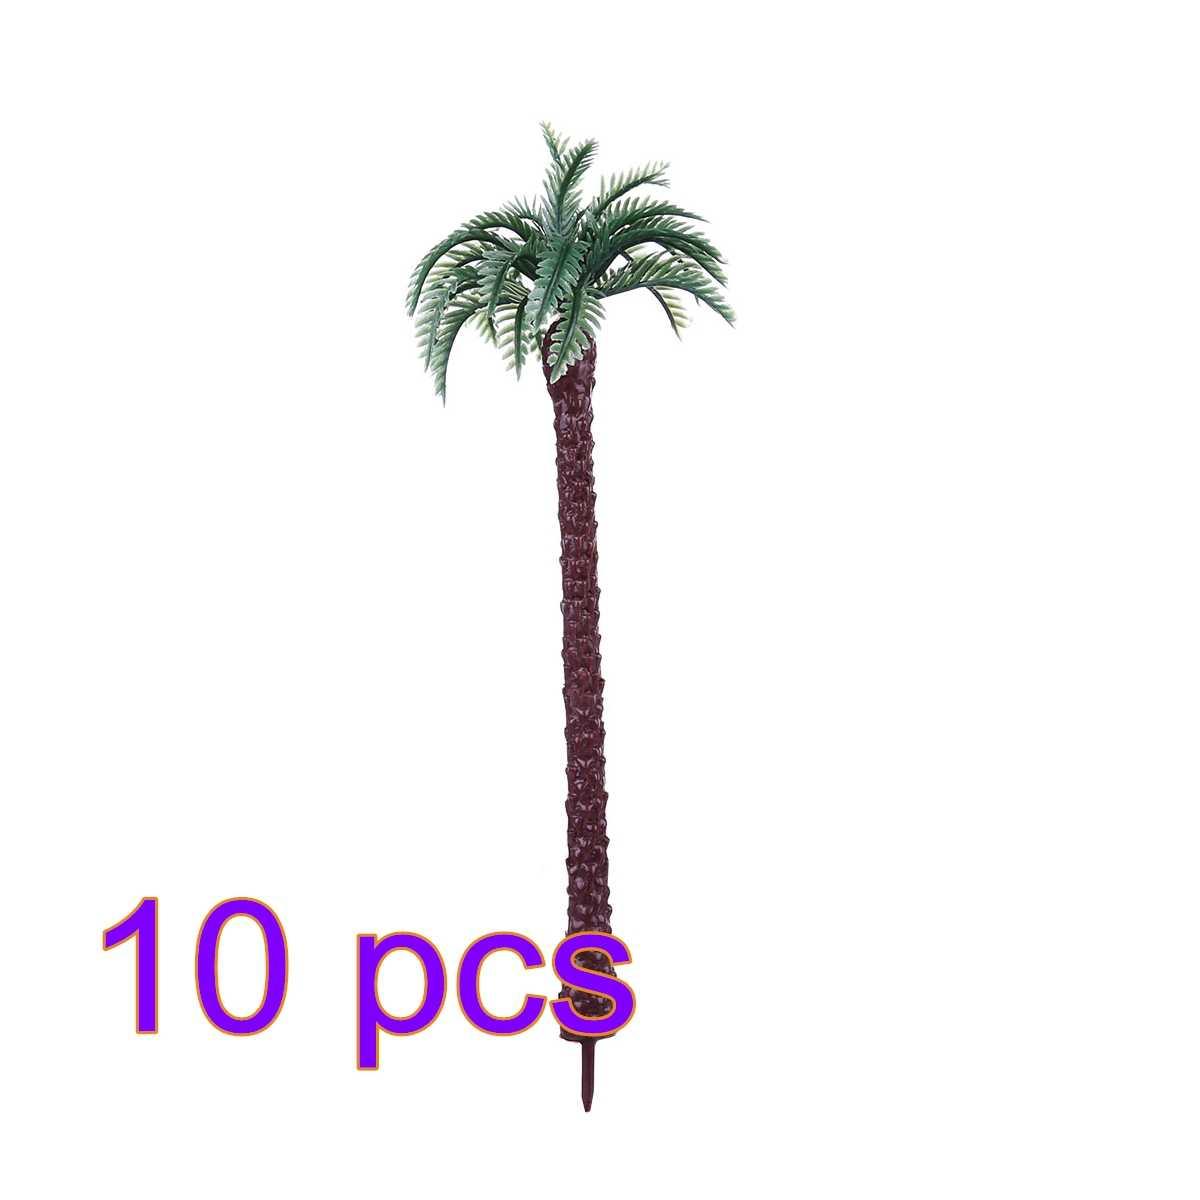 Regalo Per Architetto Femmina 10 pcs 19 centimetri di plastica palma da cocco treno ferrovia architettura  diorama albero modello di albero per il fai da te in miniatura paesaggio